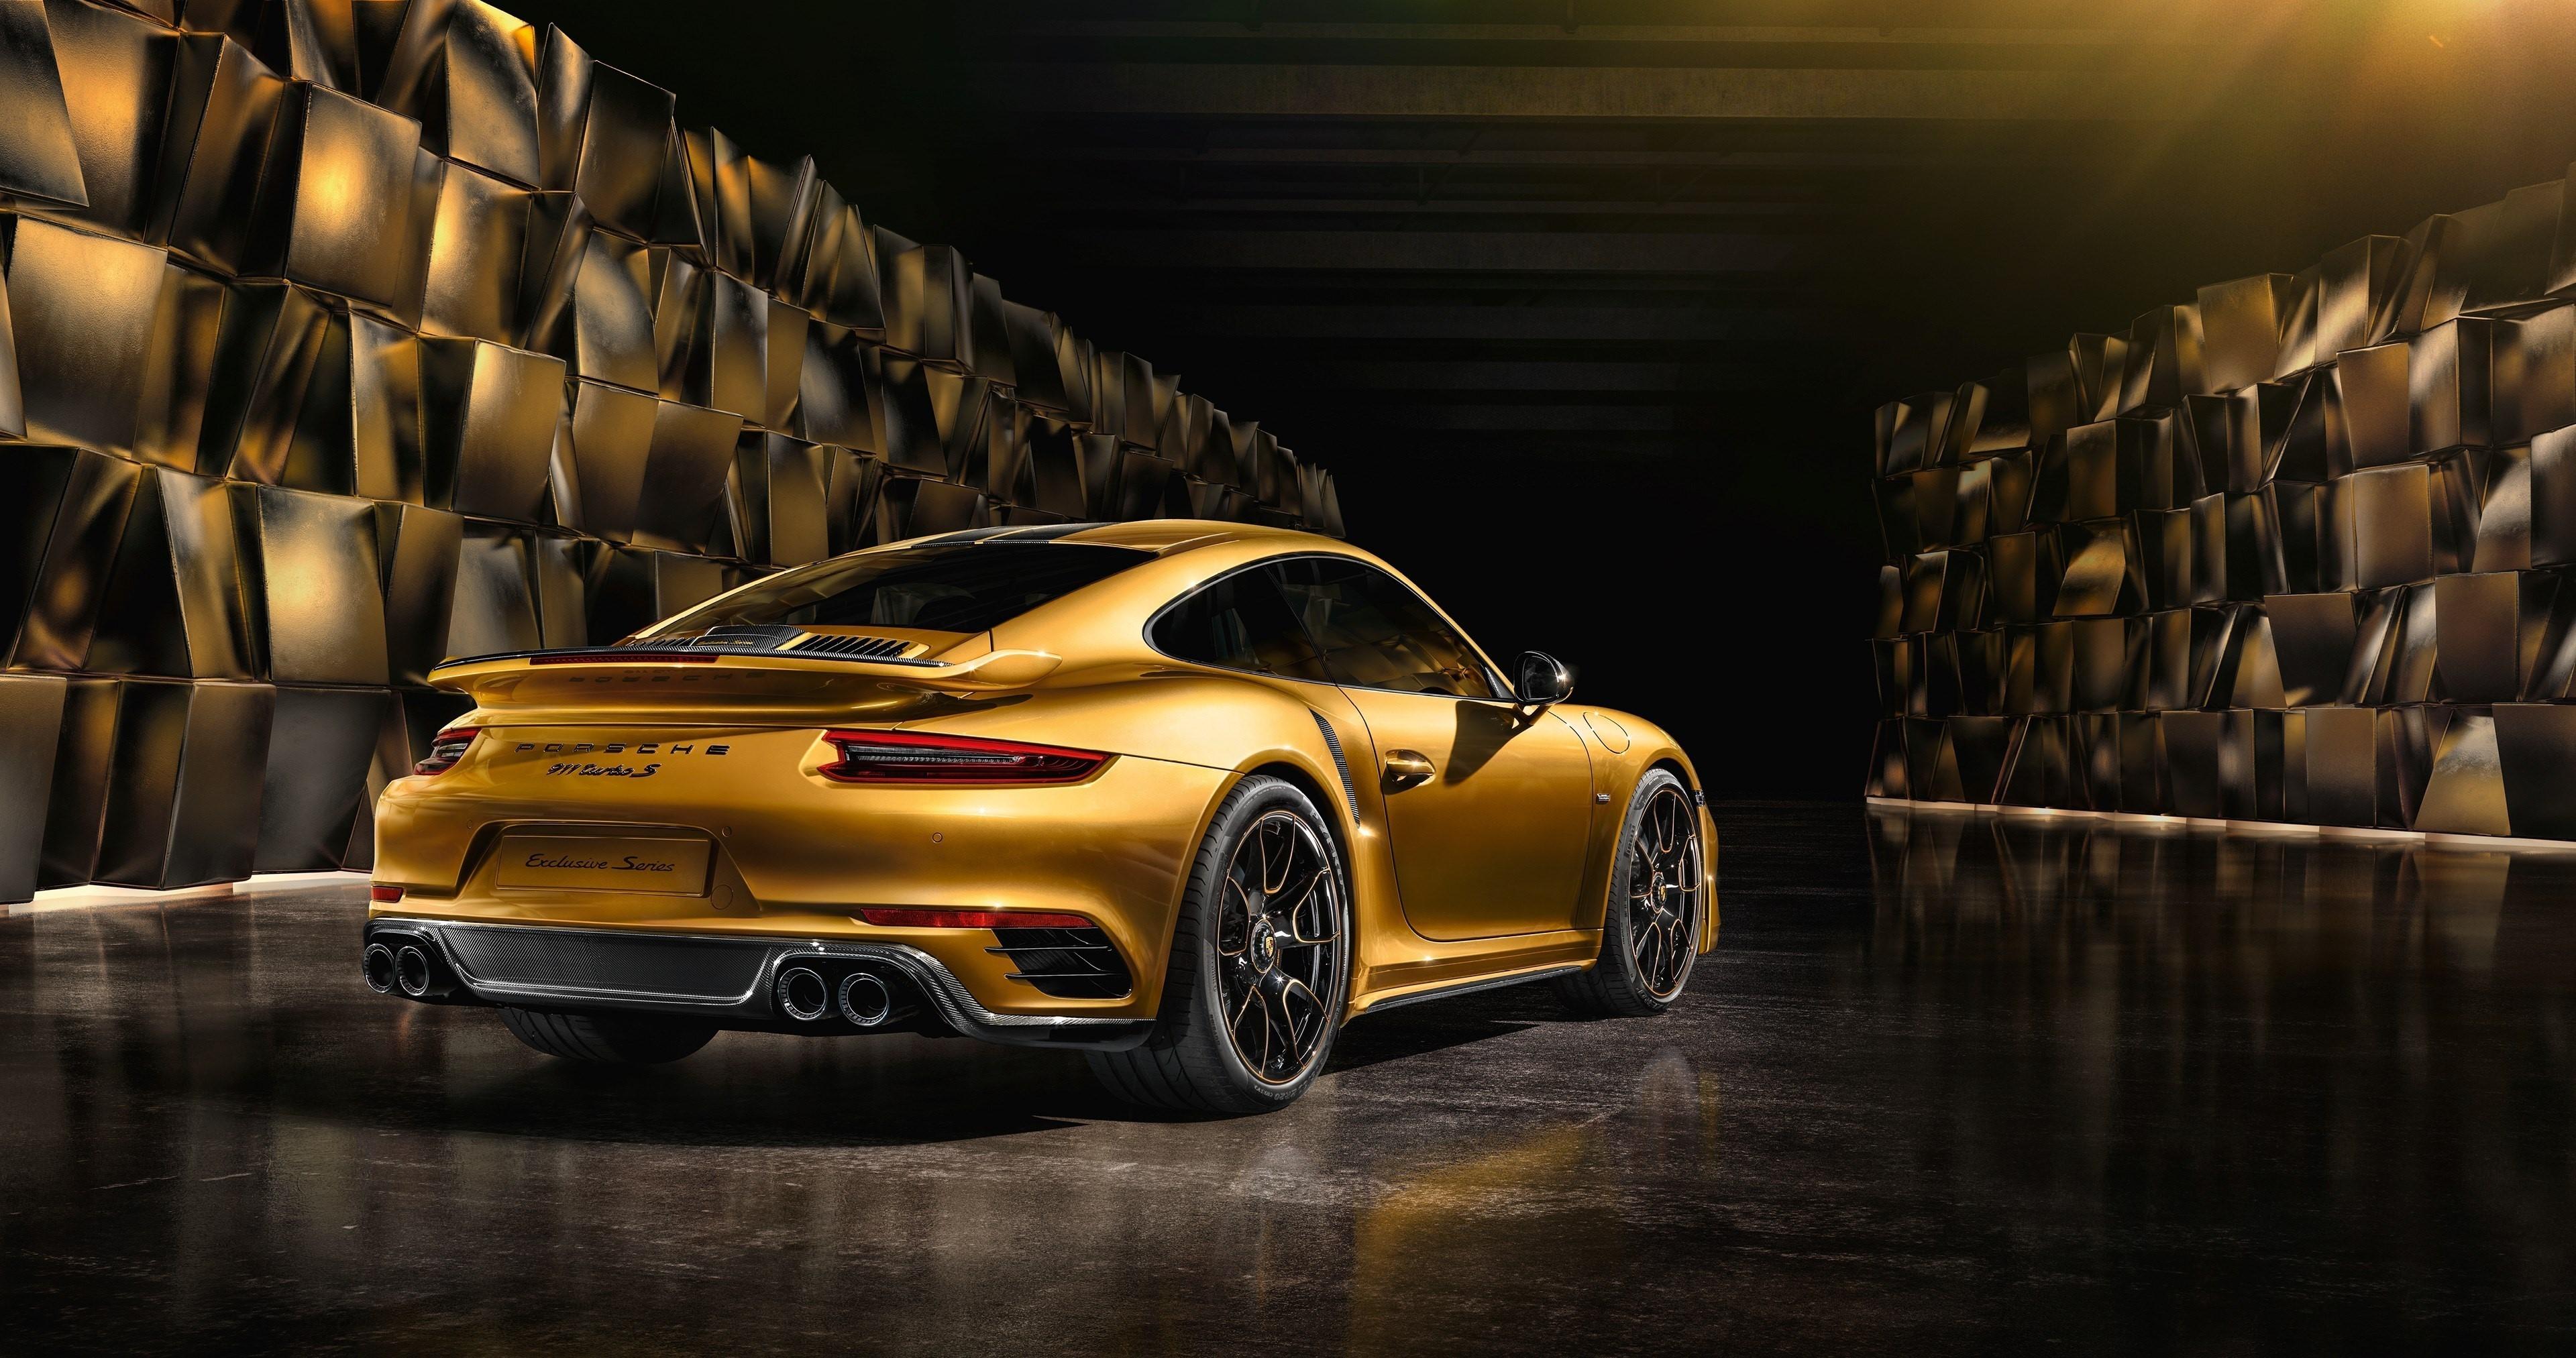 Porsche 911 Turbo Windows Background